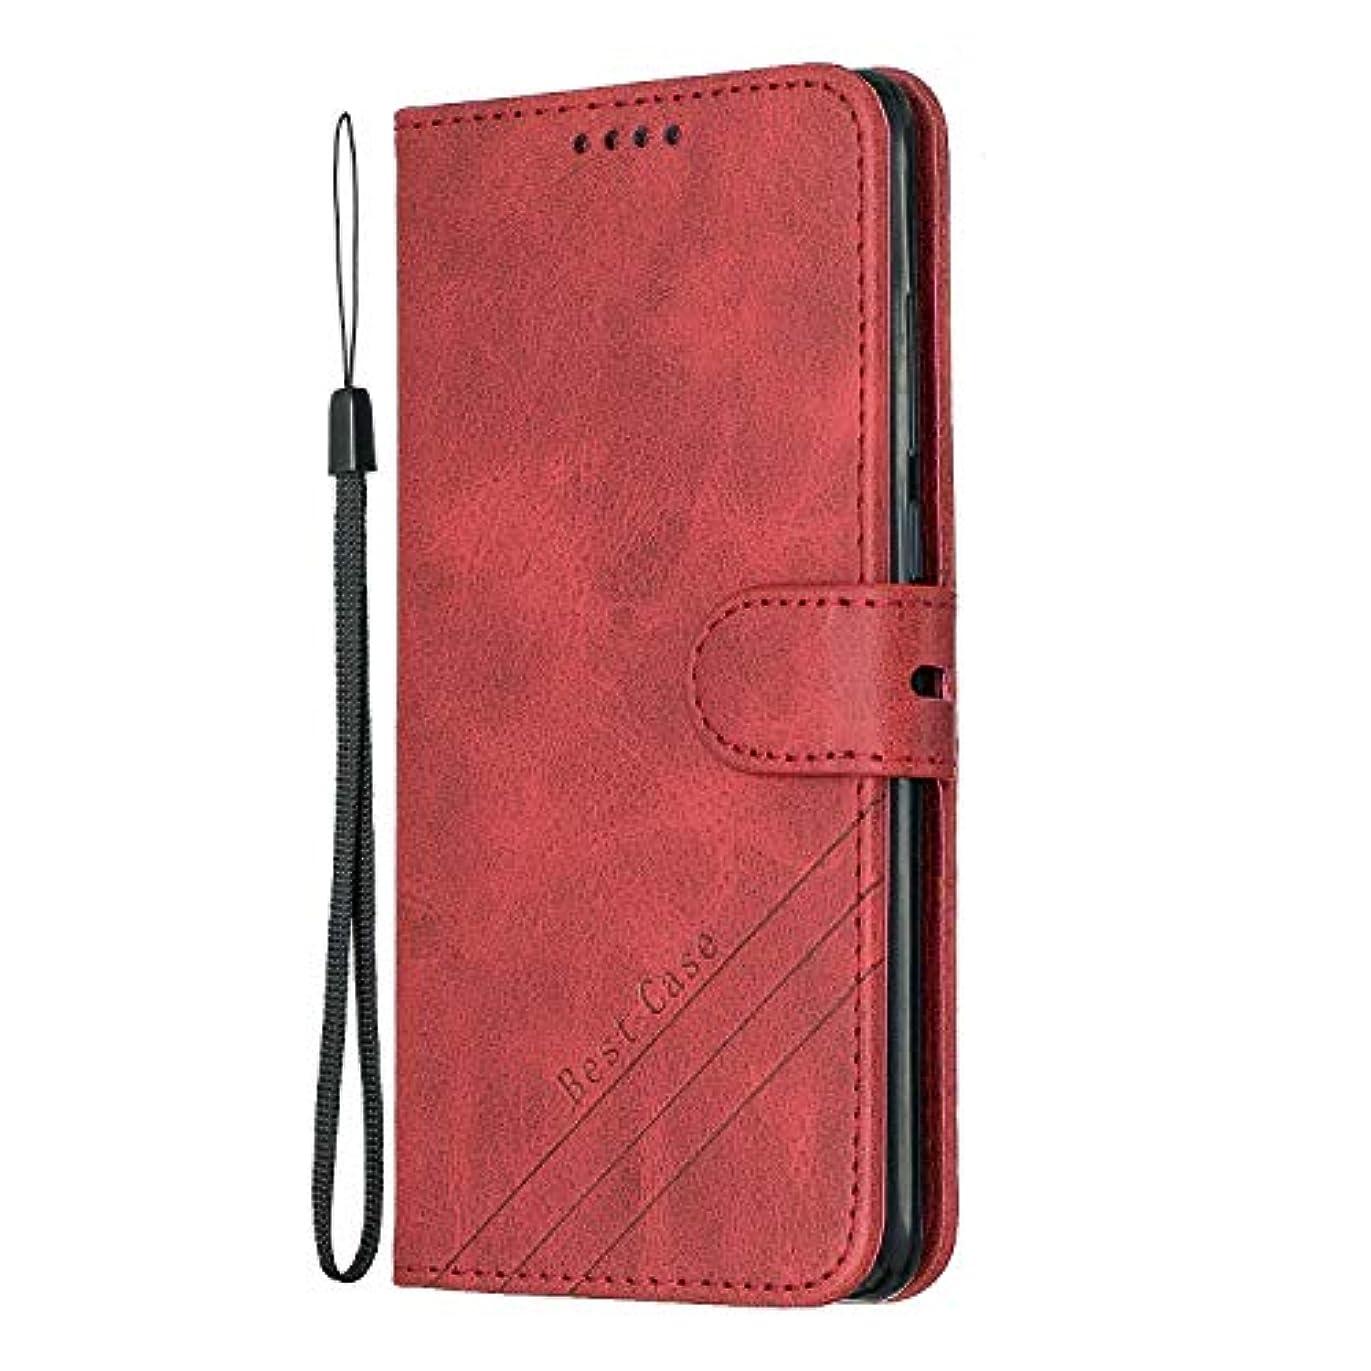 スモッグ中世の電池Tosim Huawei P30 ケース 手帳型 カード収納 高級PUレザー スタンド機能 マグネット ファーウェイP30 財布型 ケース スマホケース 全面保護 衝撃吸収 スマホカバー - TOHEX120356 赤